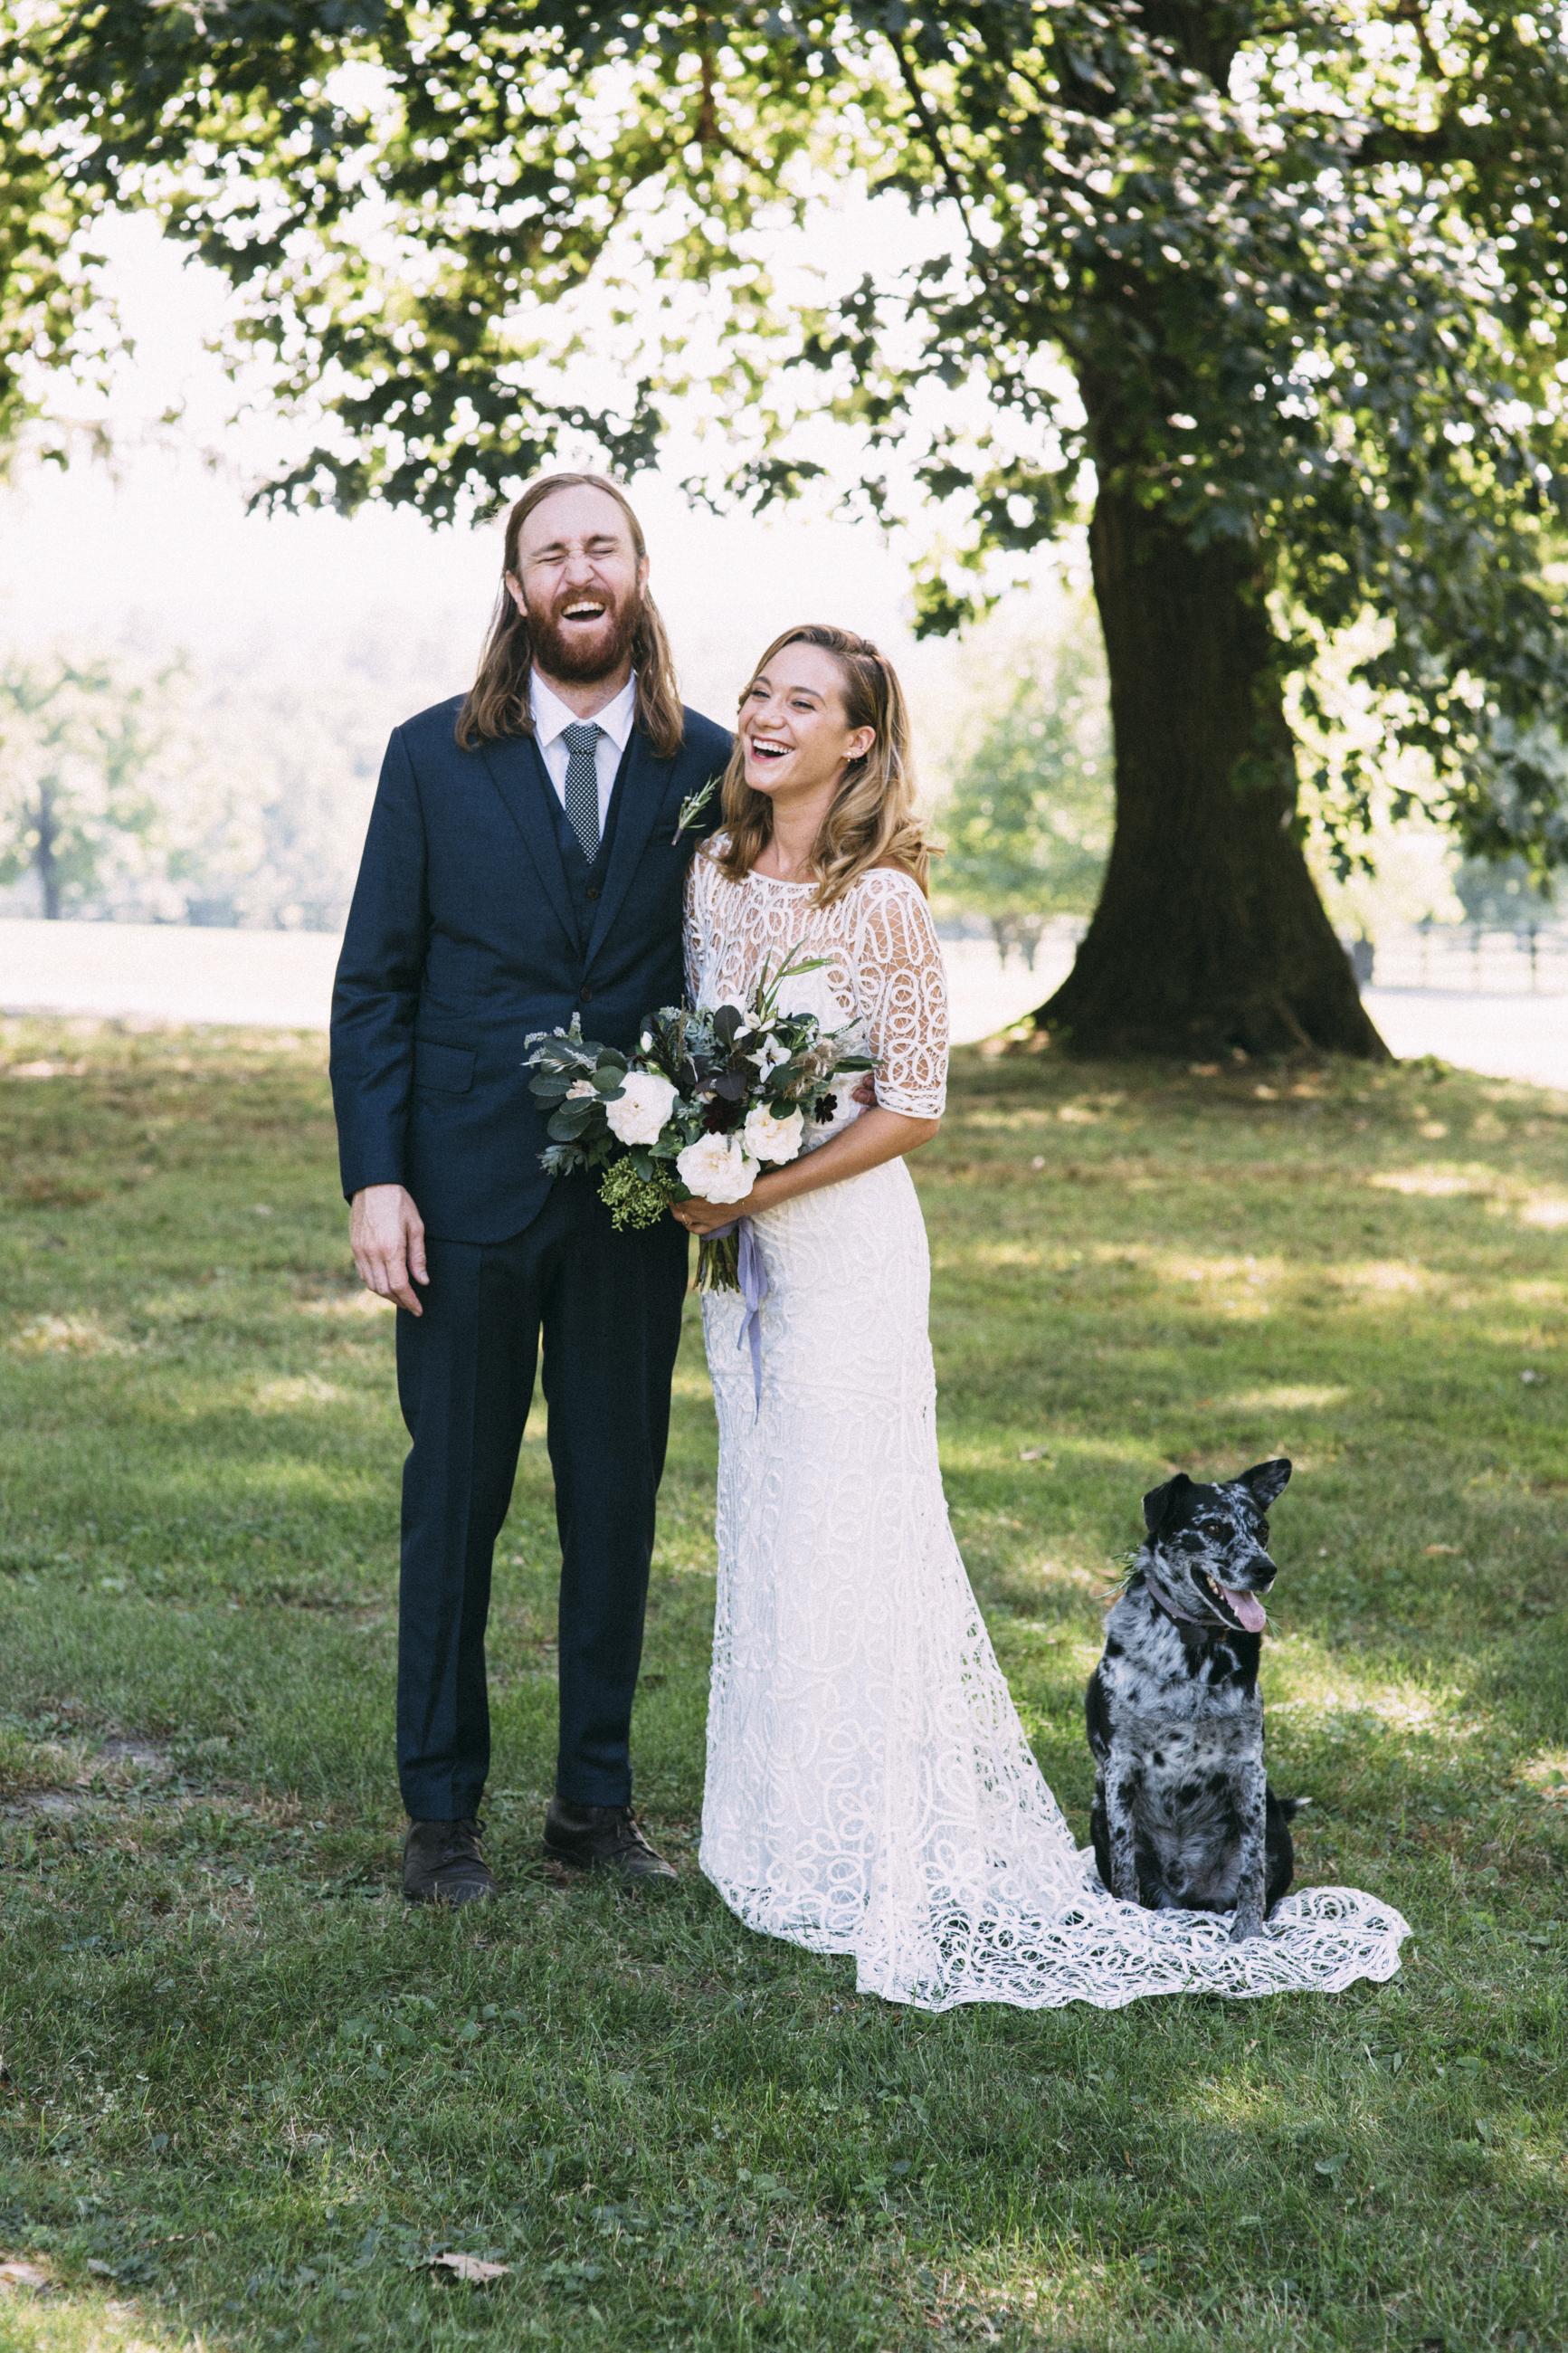 Em_and_Ax_00_wedding-192.jpg